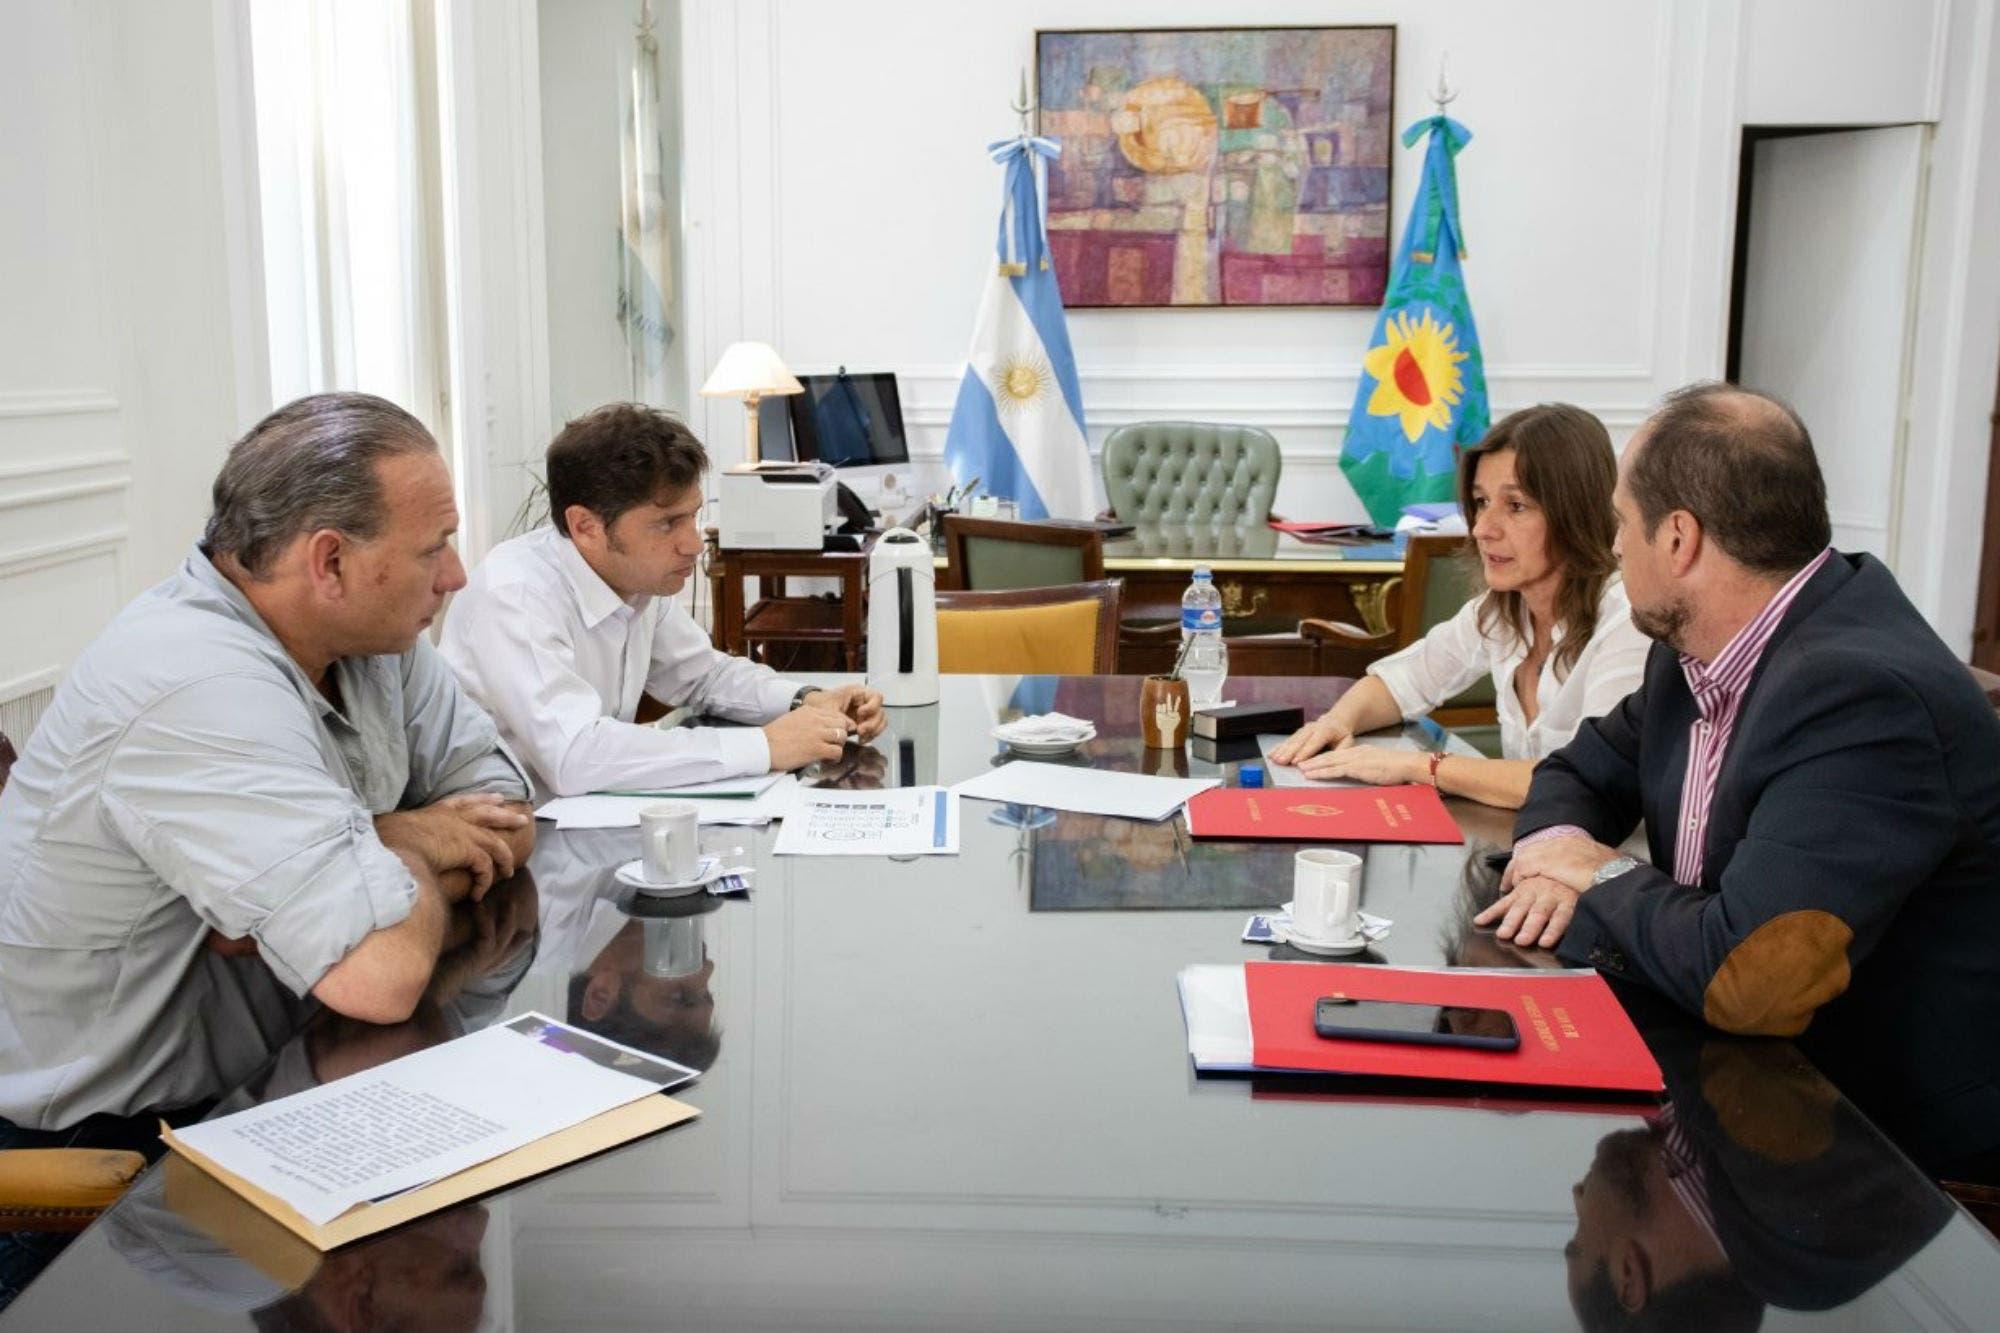 Con Axel Kicillof como mediador, Sabina Frederic y Sergio Berni llegaron a un acuerdo para descomprimir el conflicto